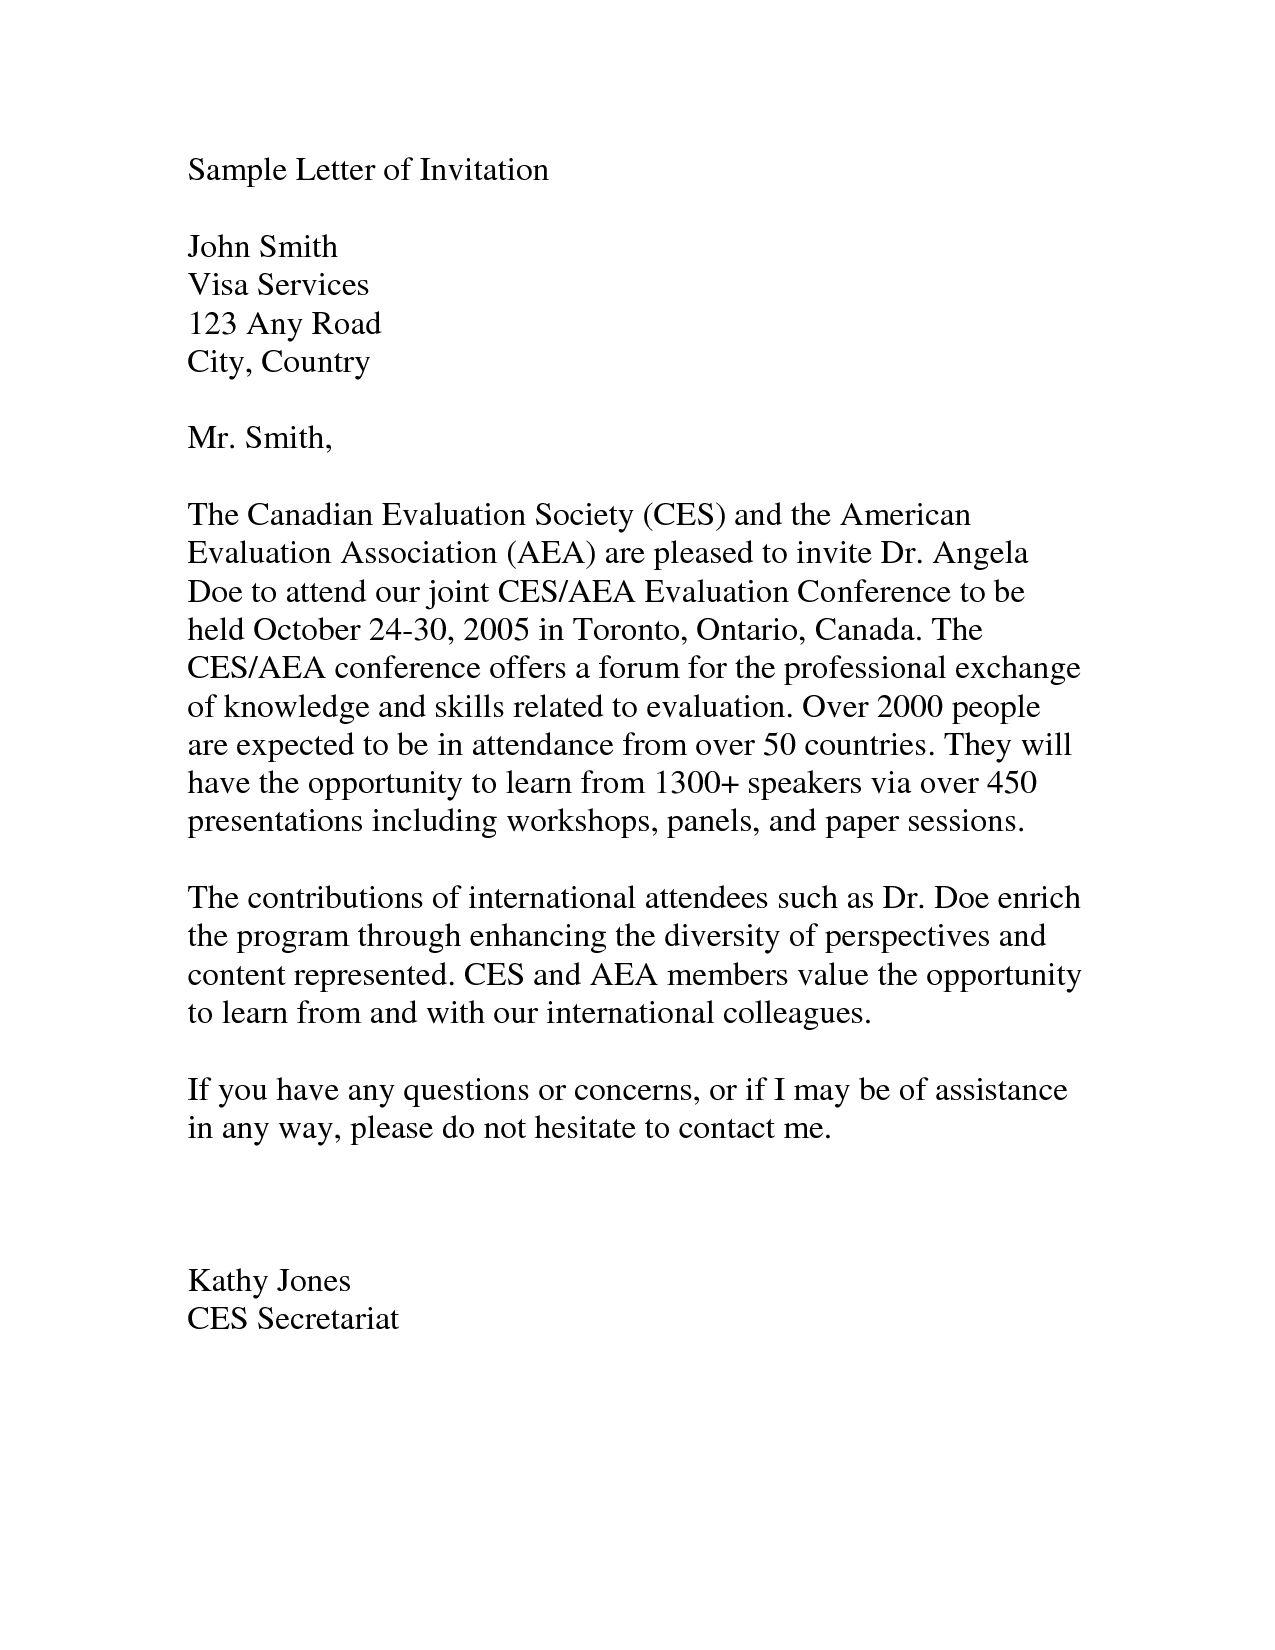 Visitor Visa Invitation Letter To Canada di 2020